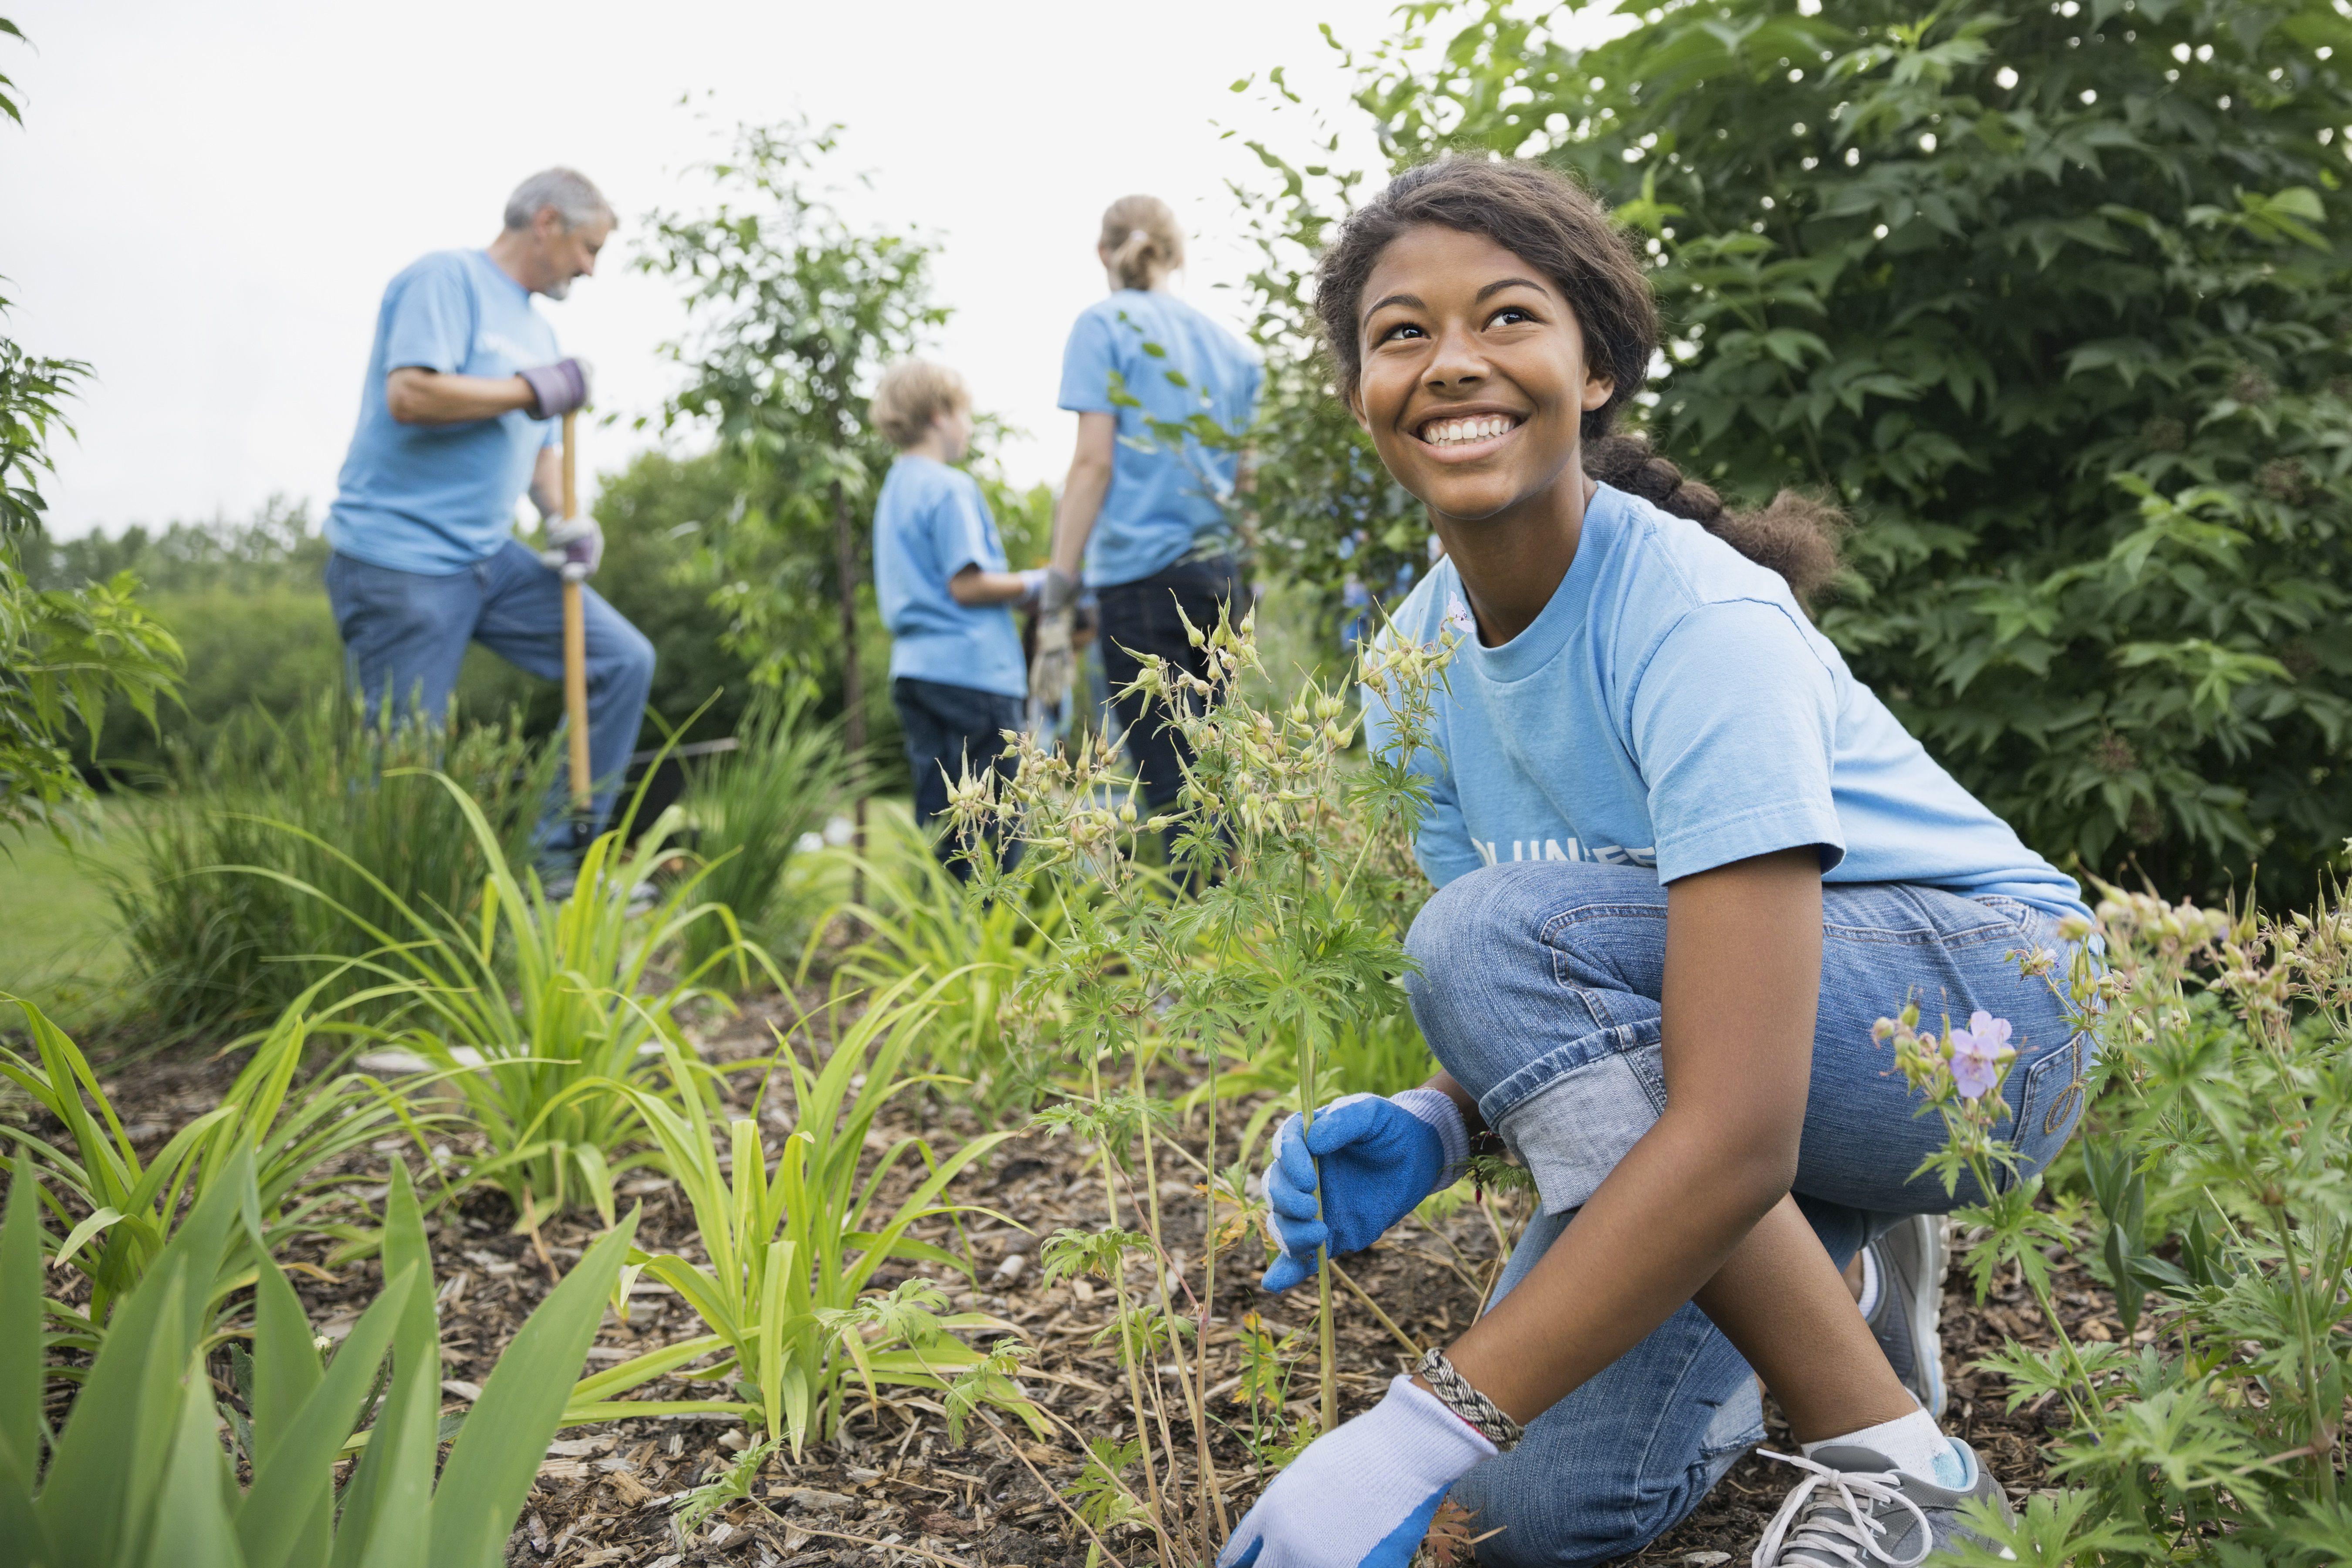 Smiling girl working in garden